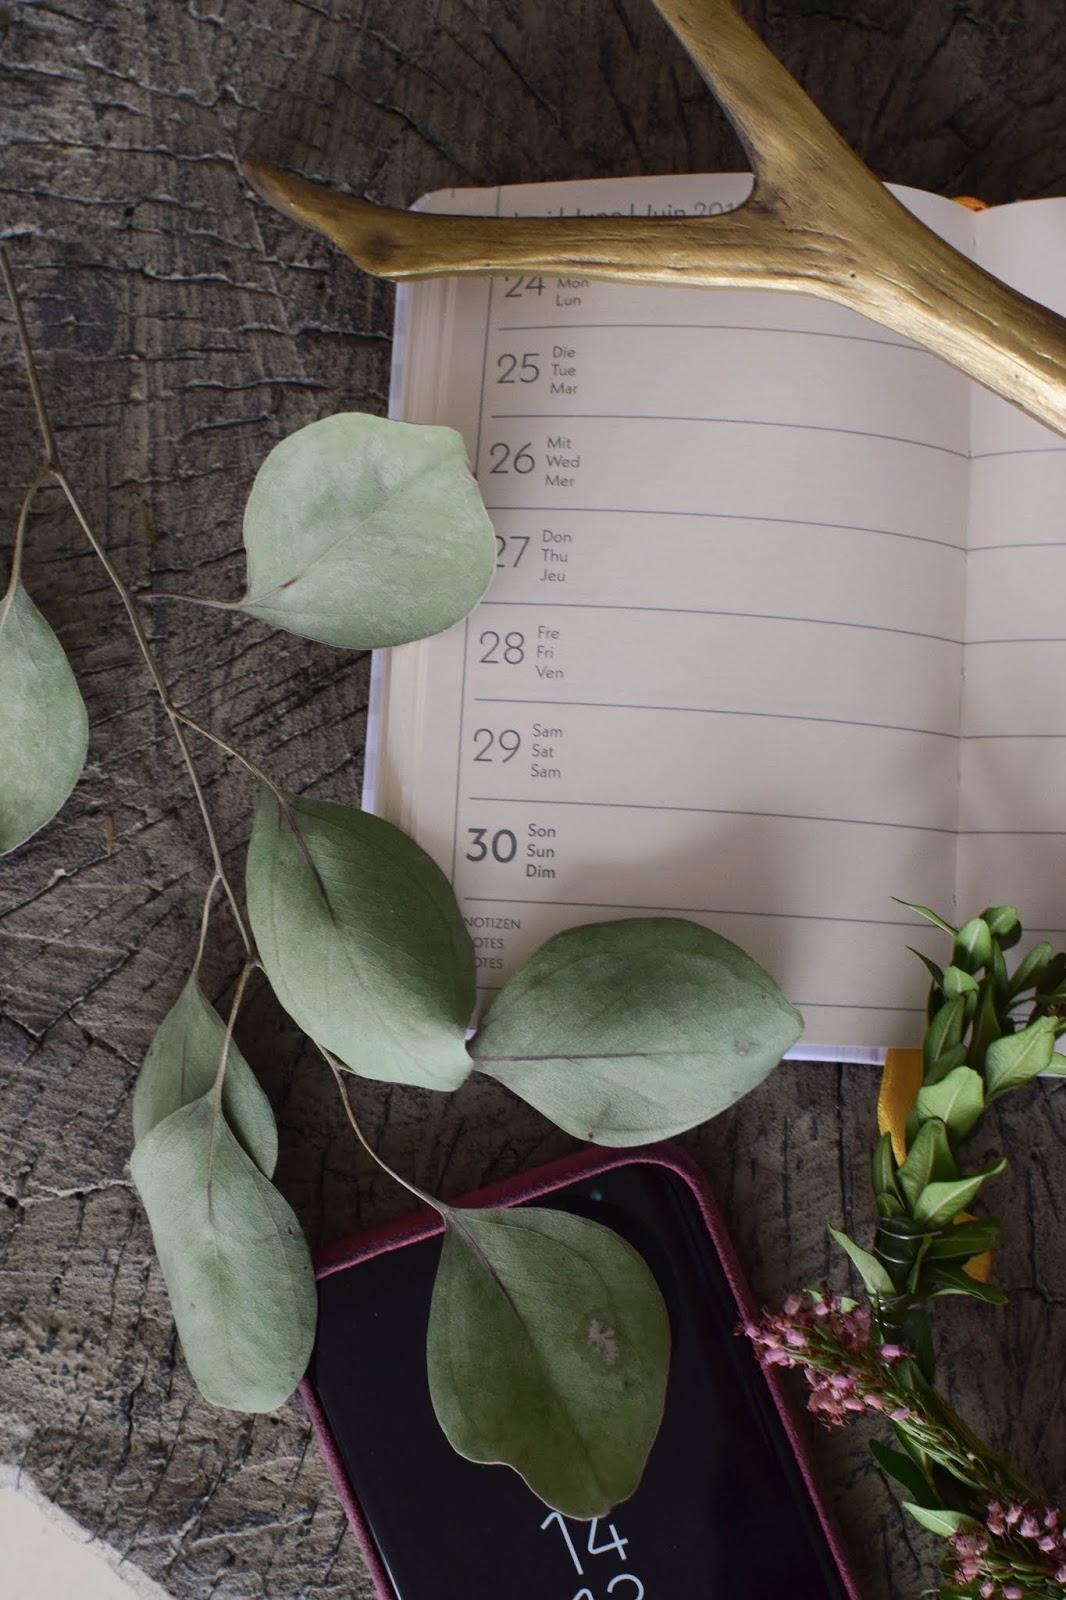 Kalender 2019 von teNeues. Terminpaner praktisch und übersichtlich